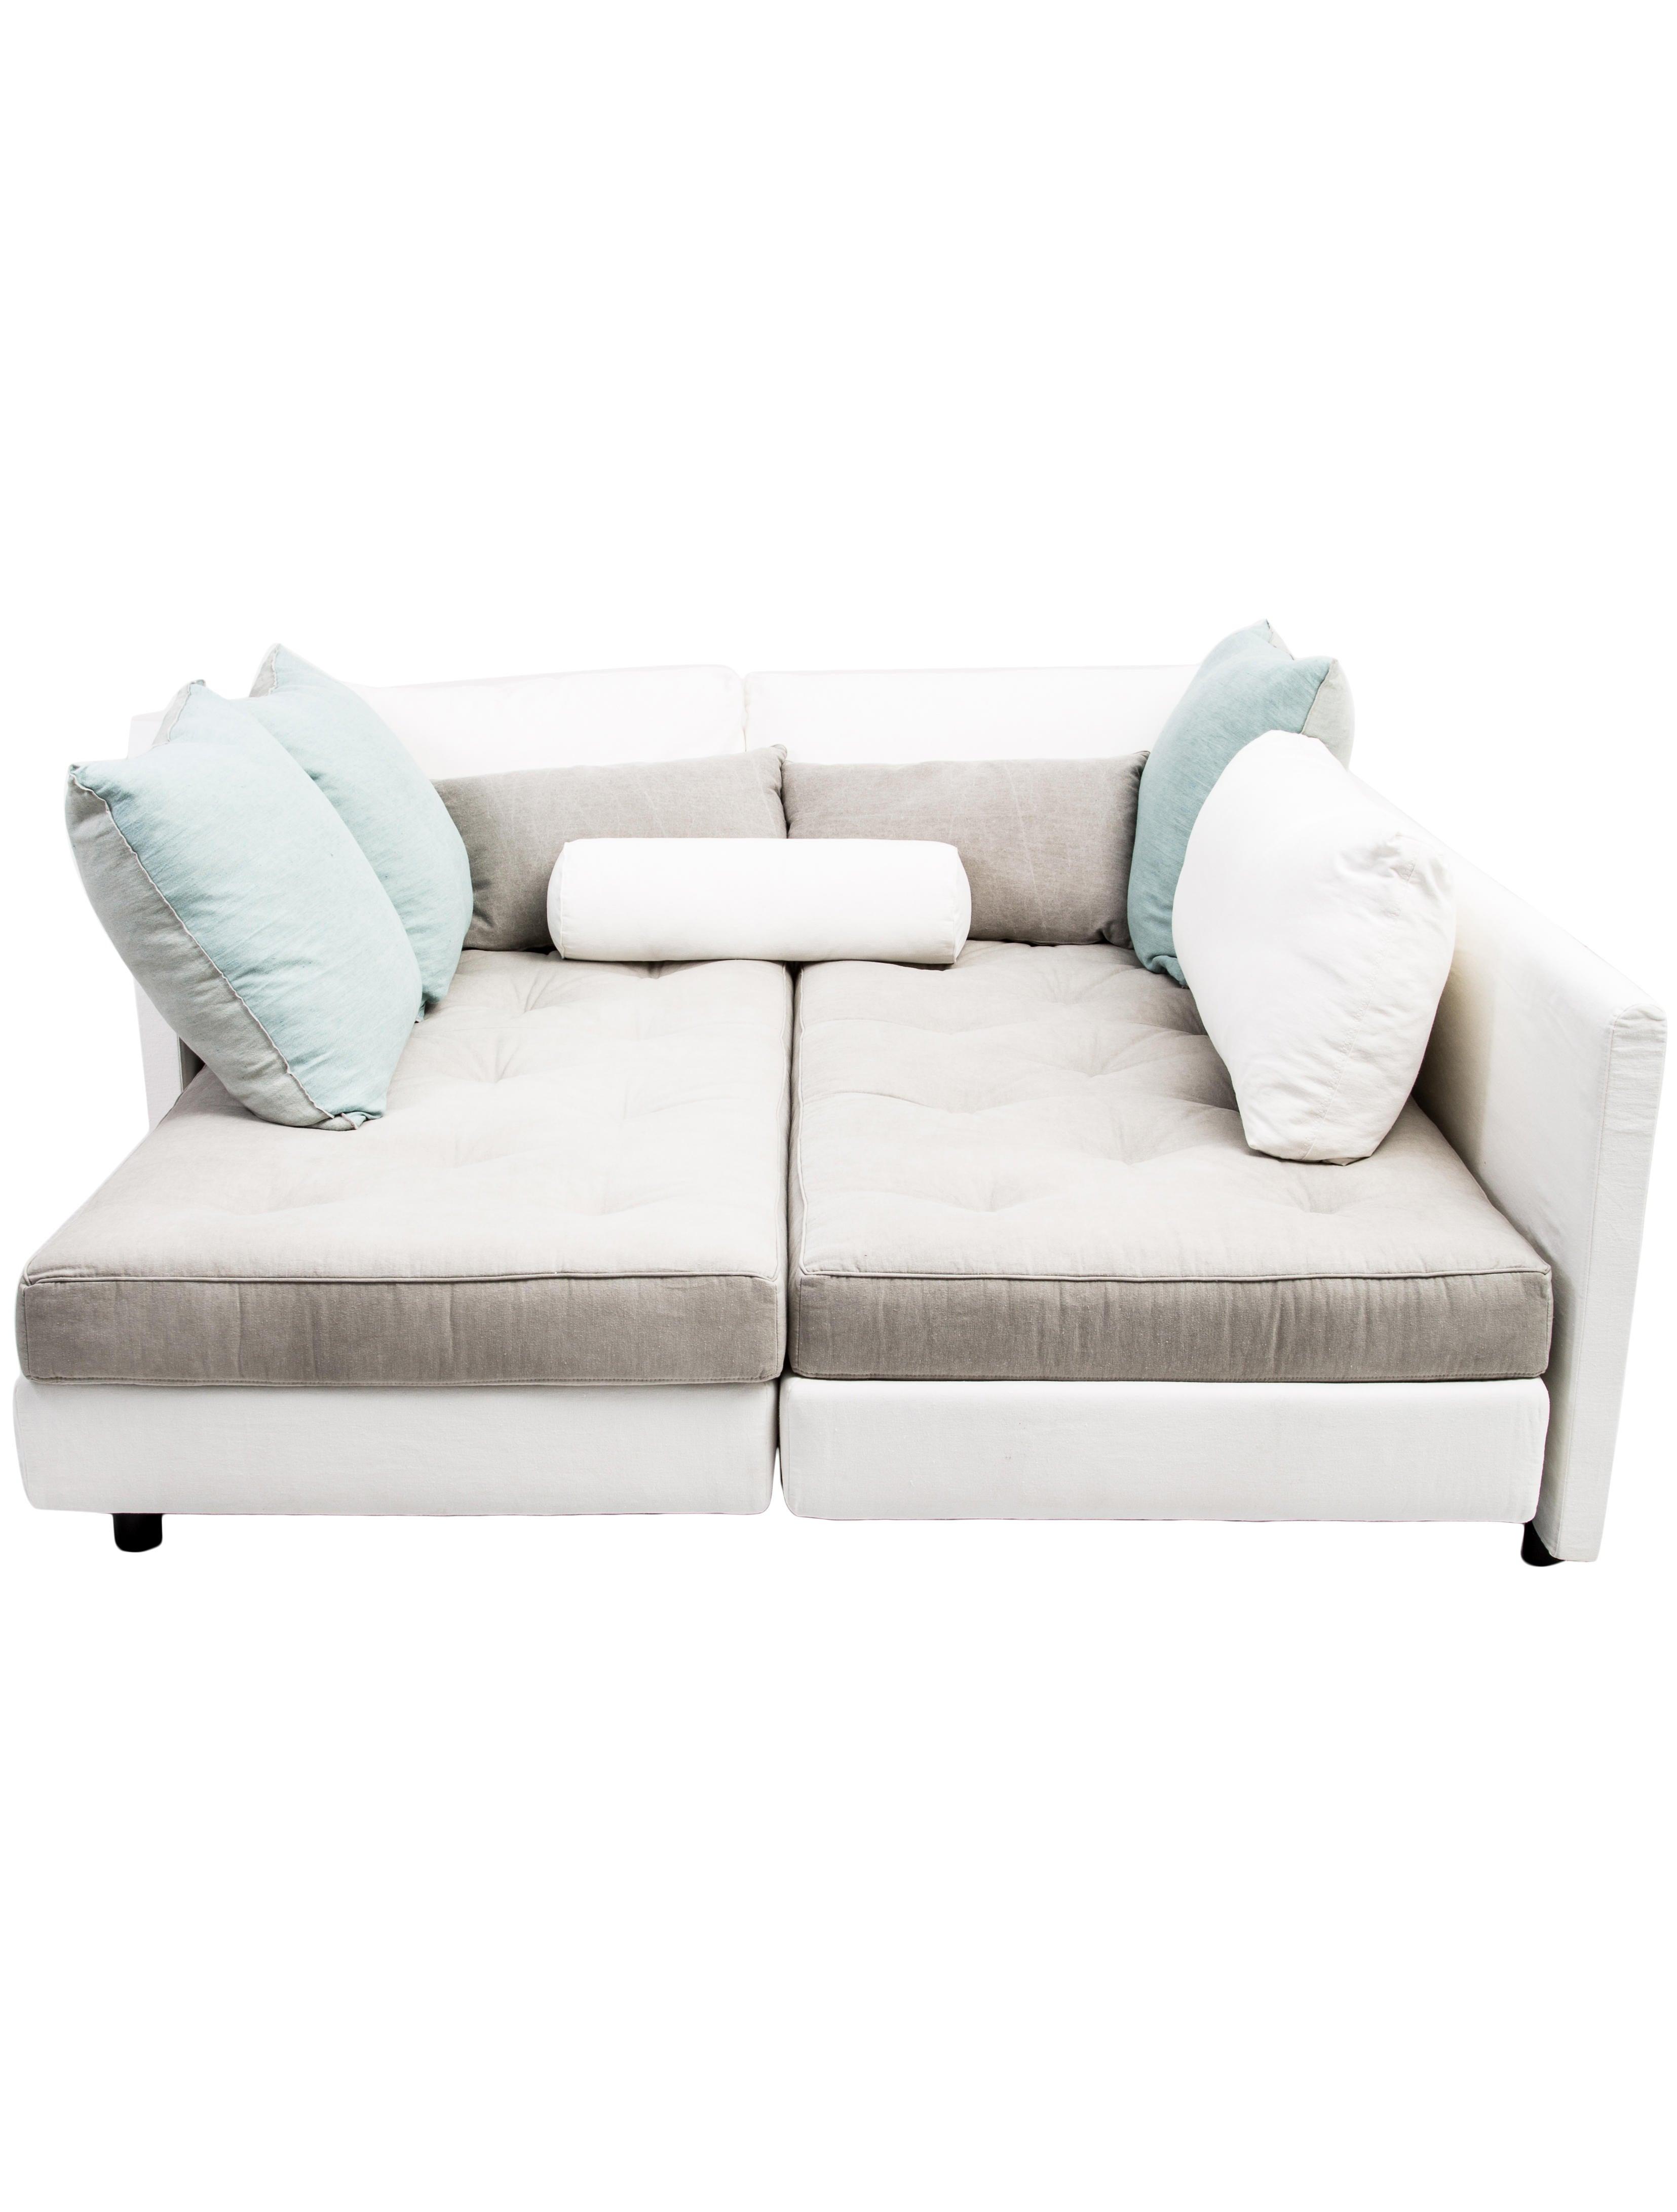 ligne roset sofa nomade 2. Black Bedroom Furniture Sets. Home Design Ideas